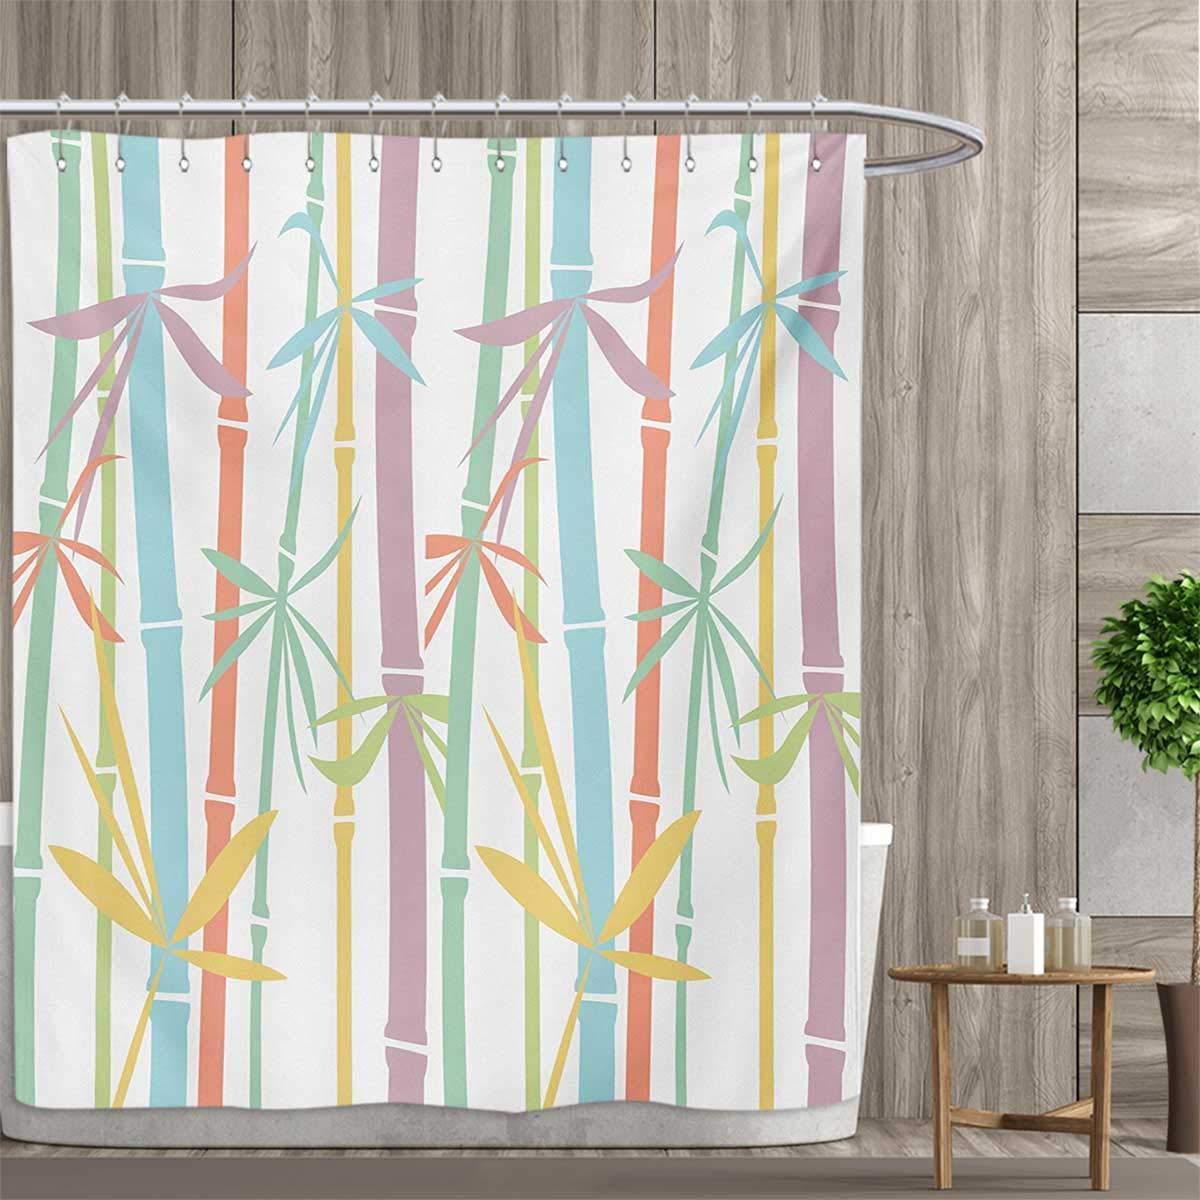 Grass skirt shower curtain — photo 6